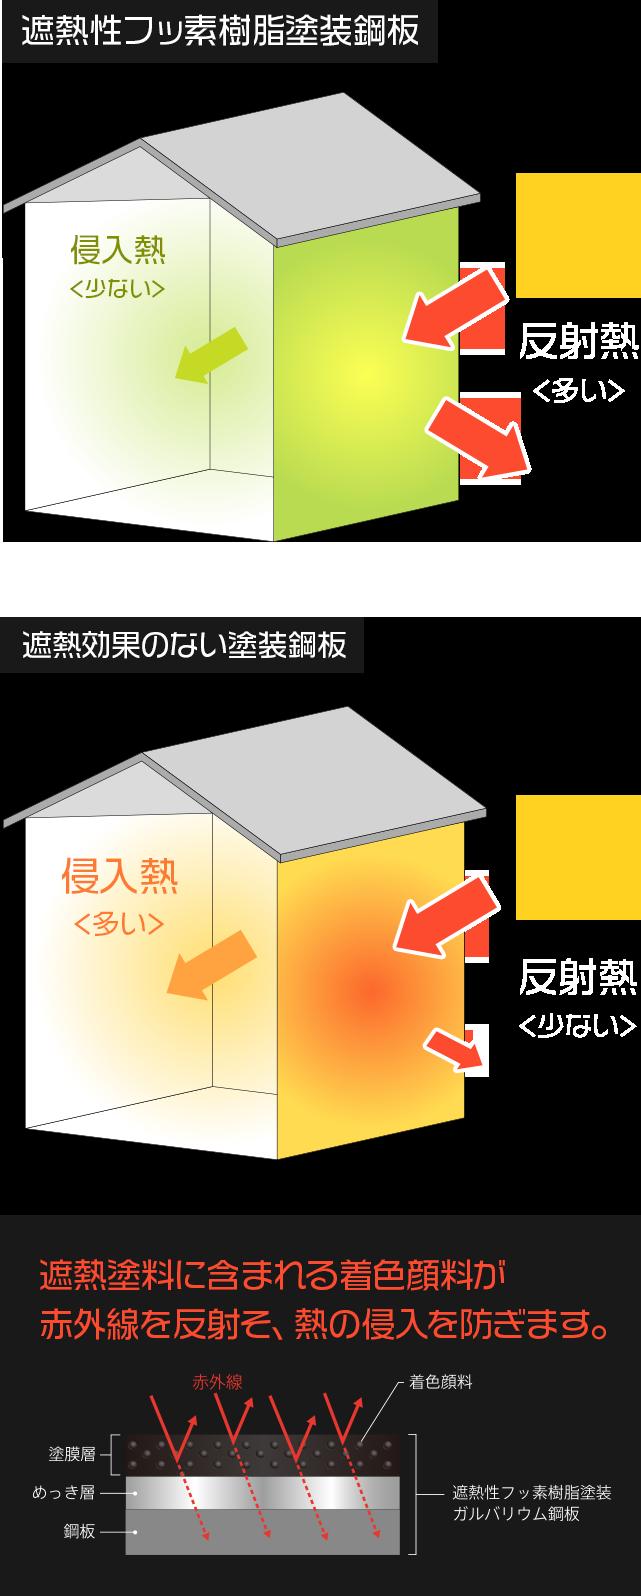 日射による温度上昇を抑制